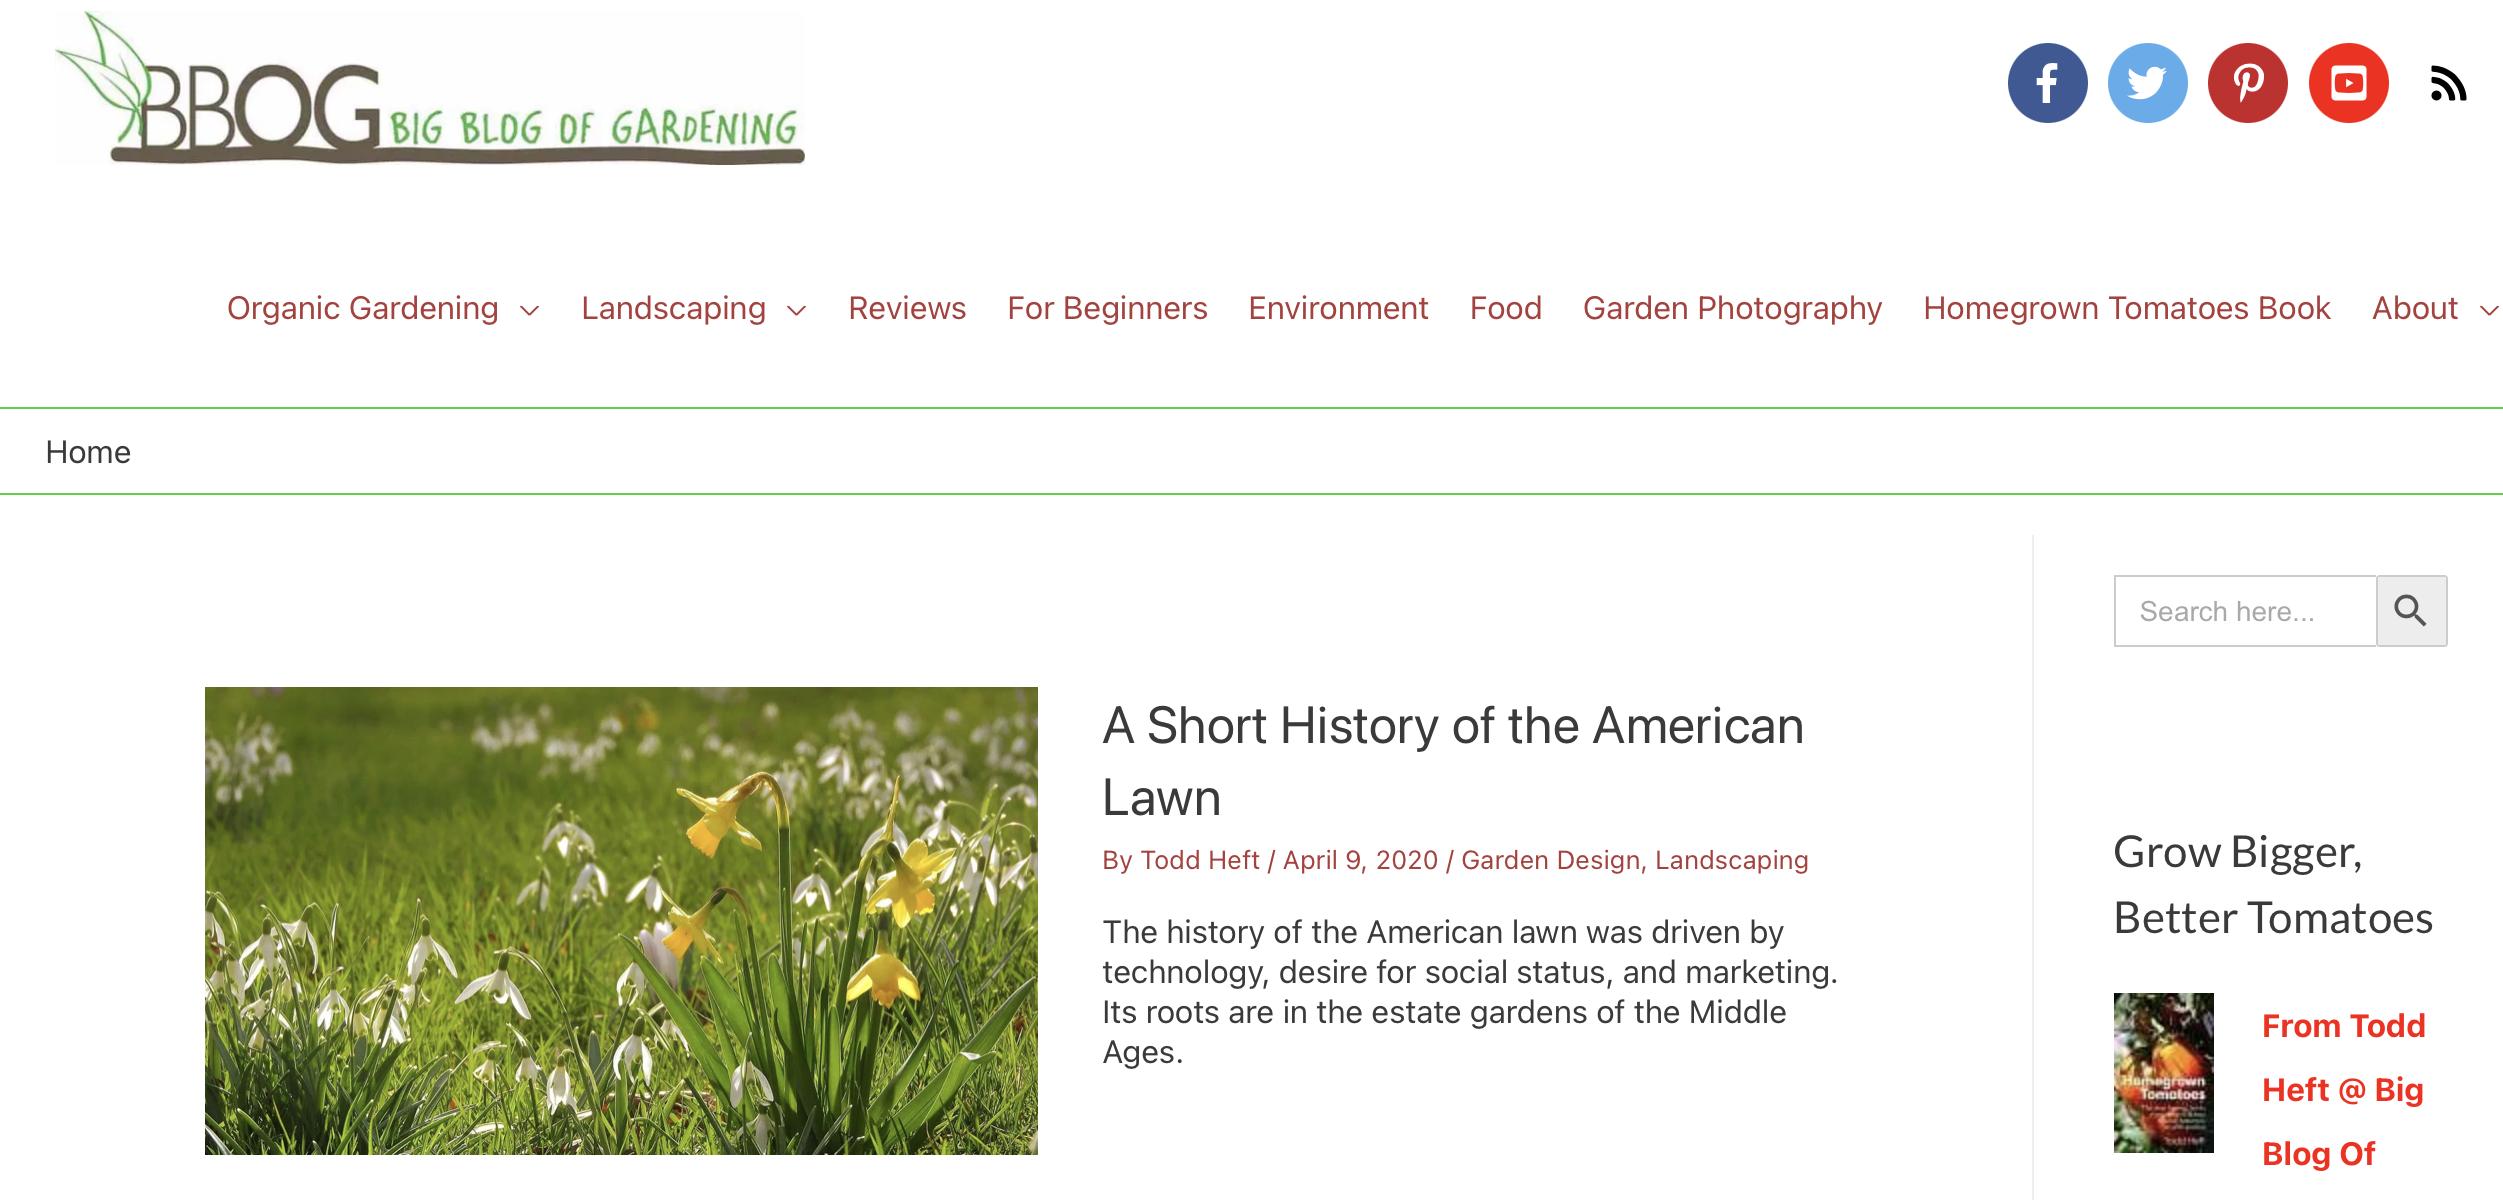 Big Blog of Gardening